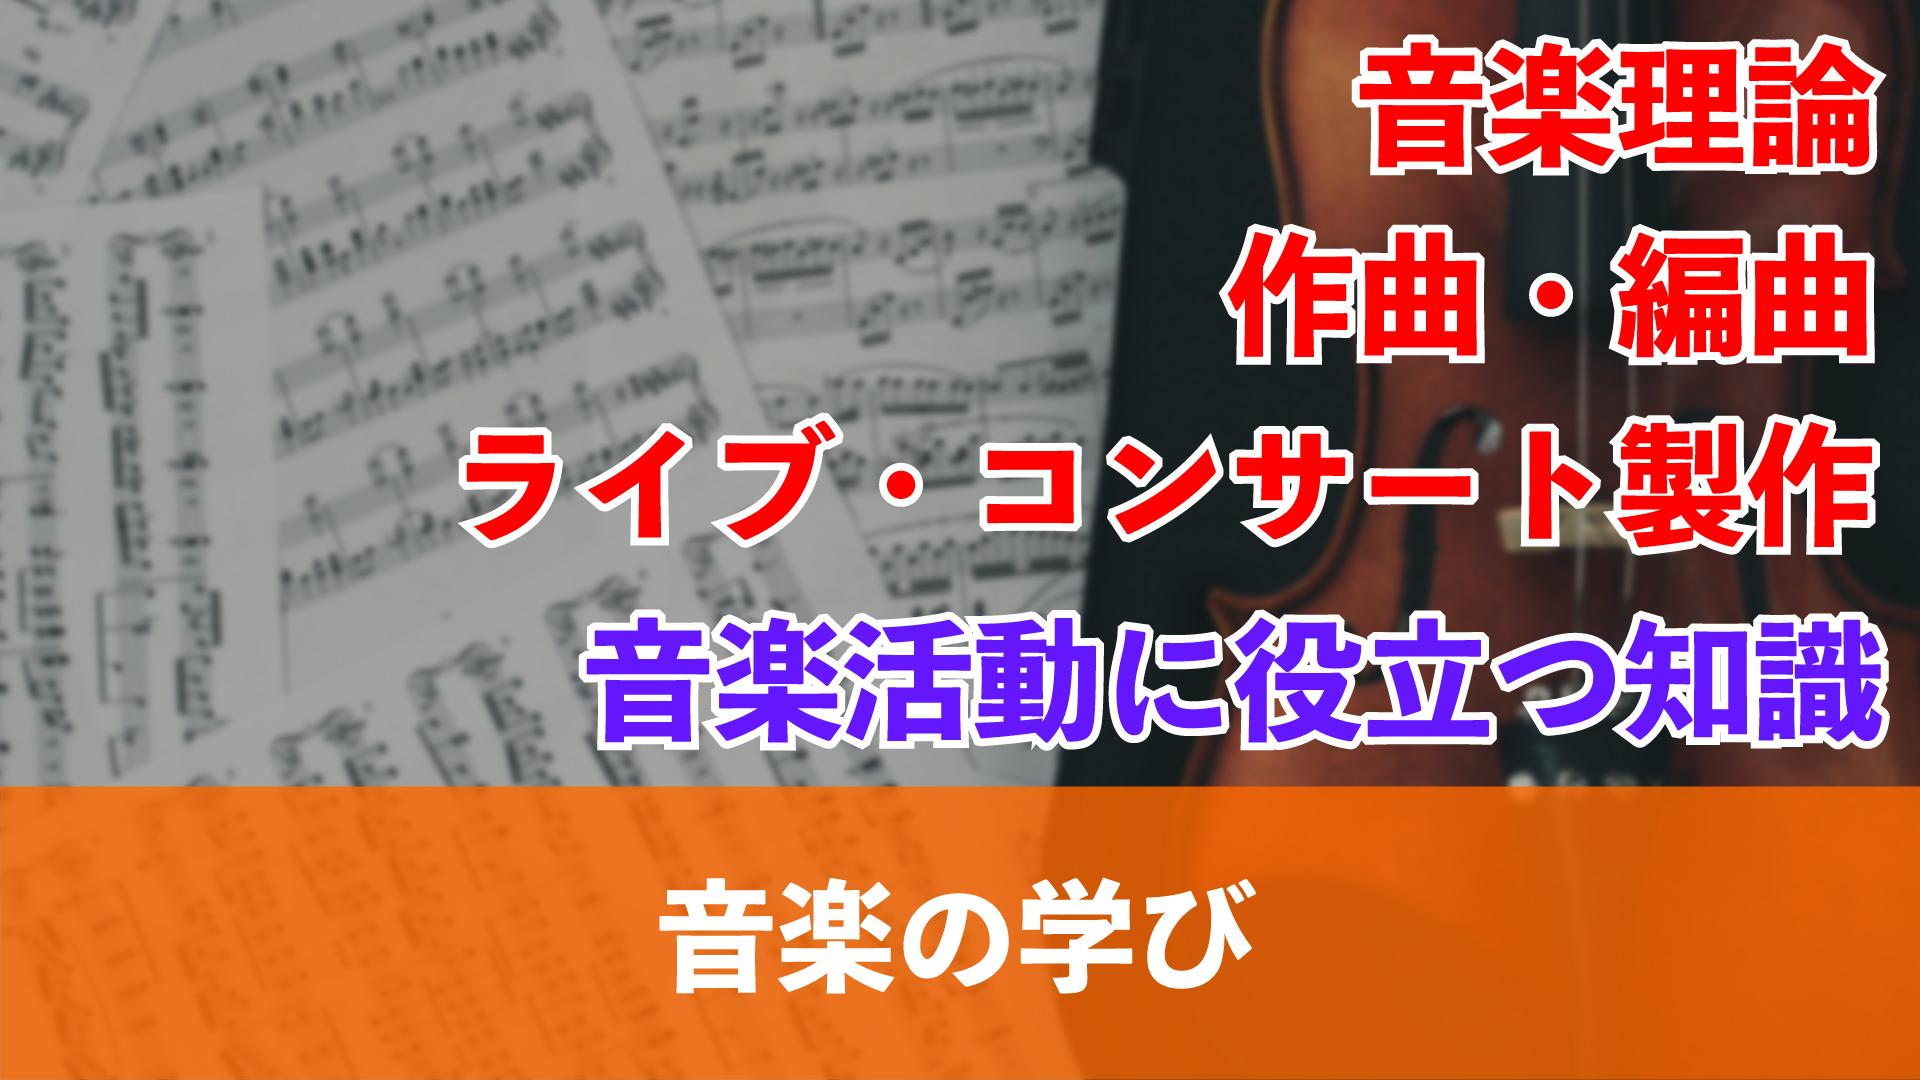 音楽や音楽の活動、製作などを学べる記事